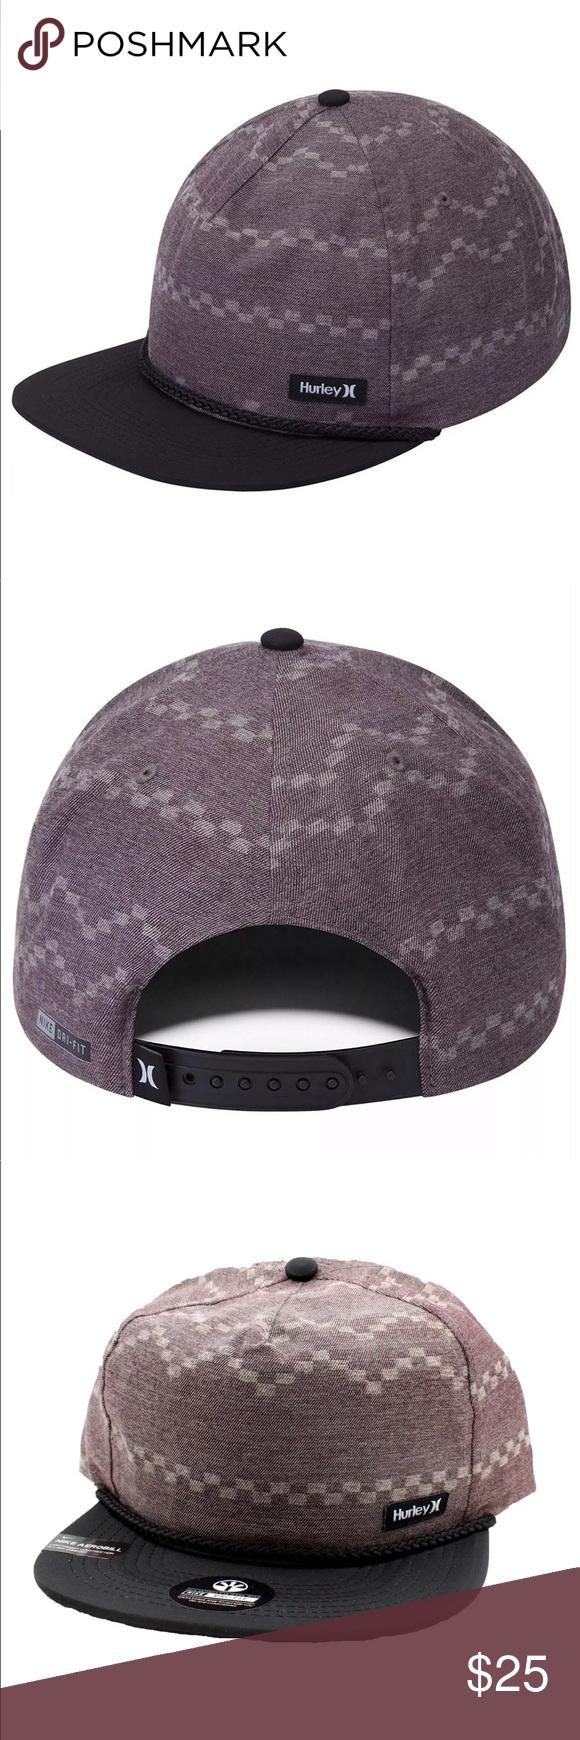 Hurley MEN/'S Dri-Fit Pismo Snapback Hat Cap